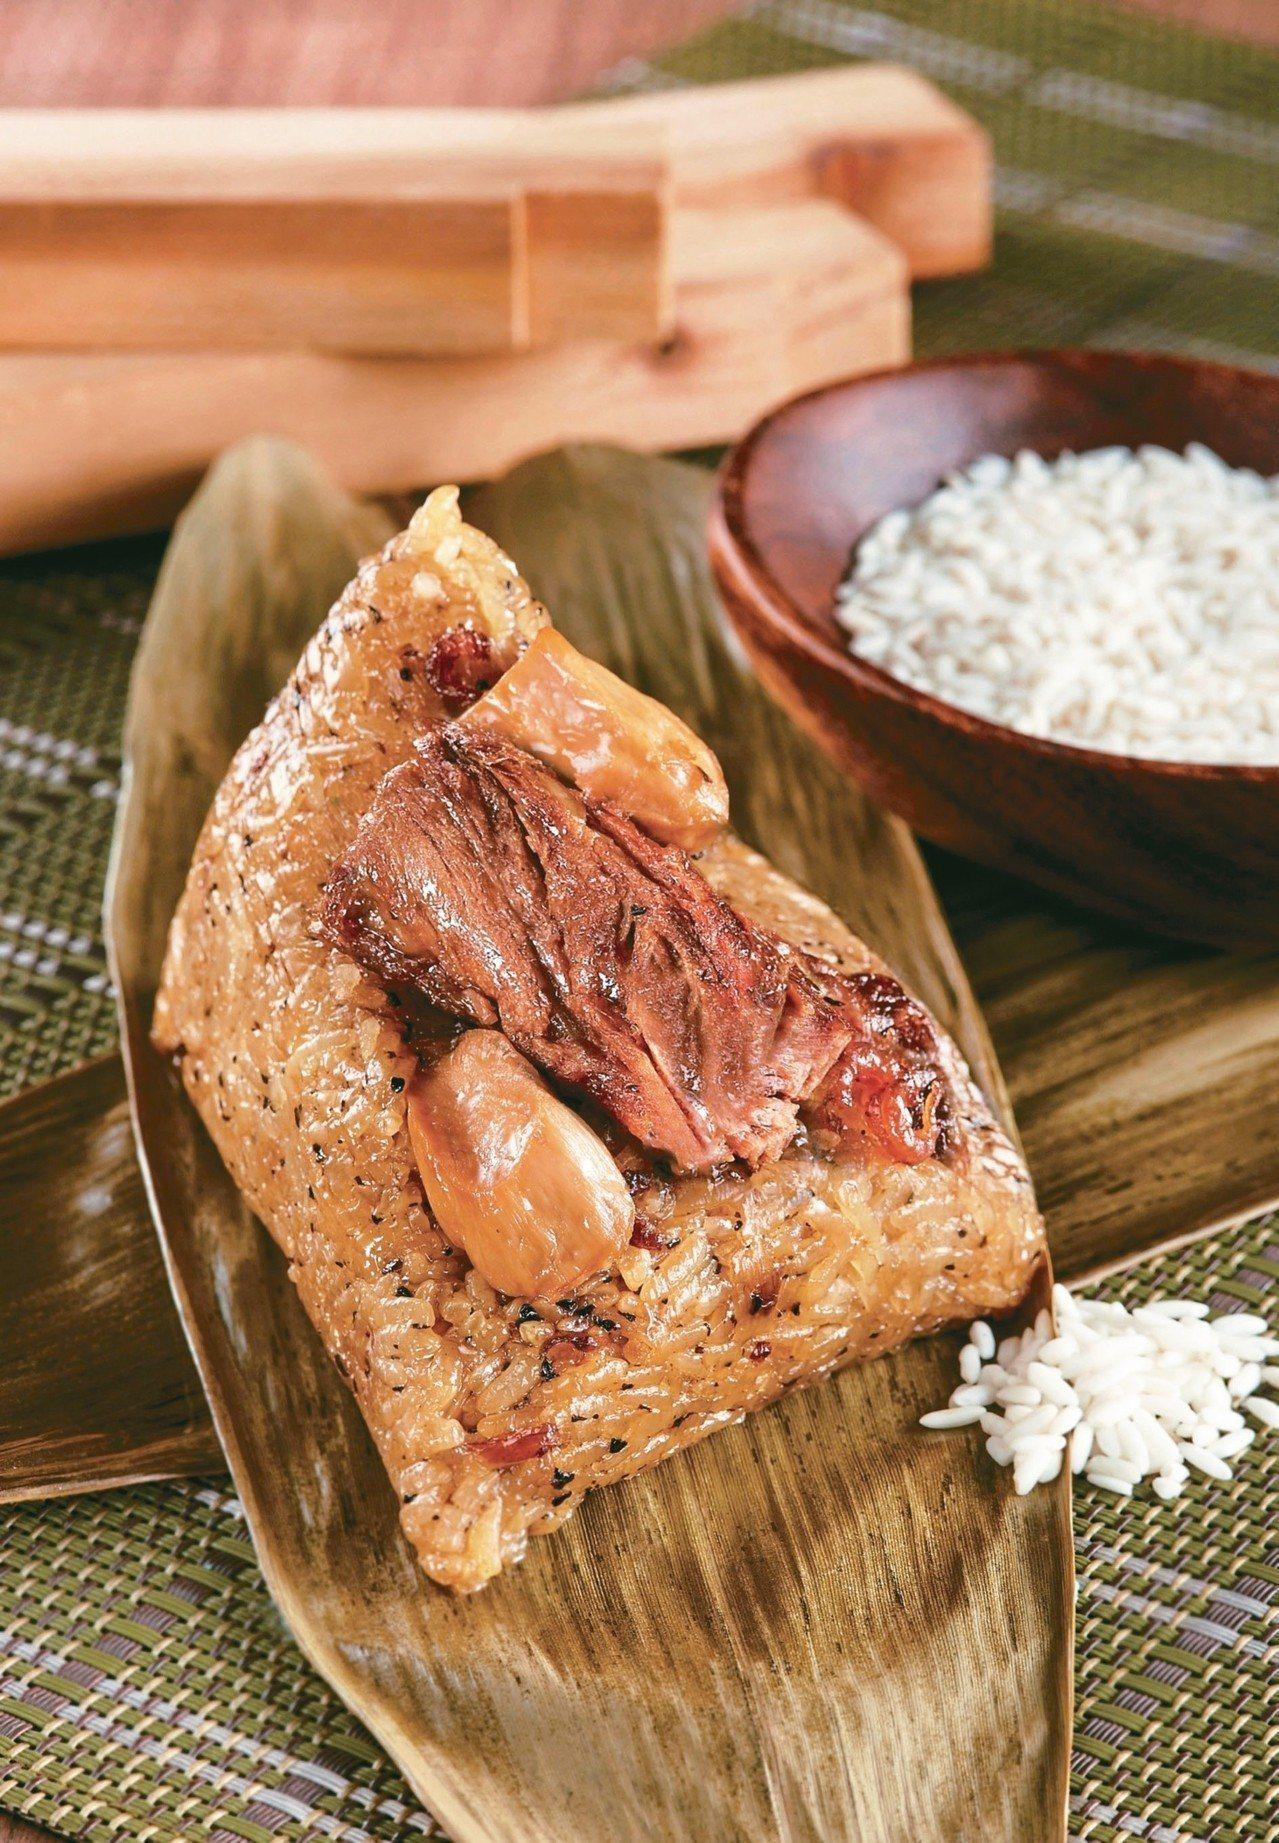 「松露和牛粽」加入澳洲和牛與黑松露醬製作,凝聚東、西方料理精髓,每顆售價220元...